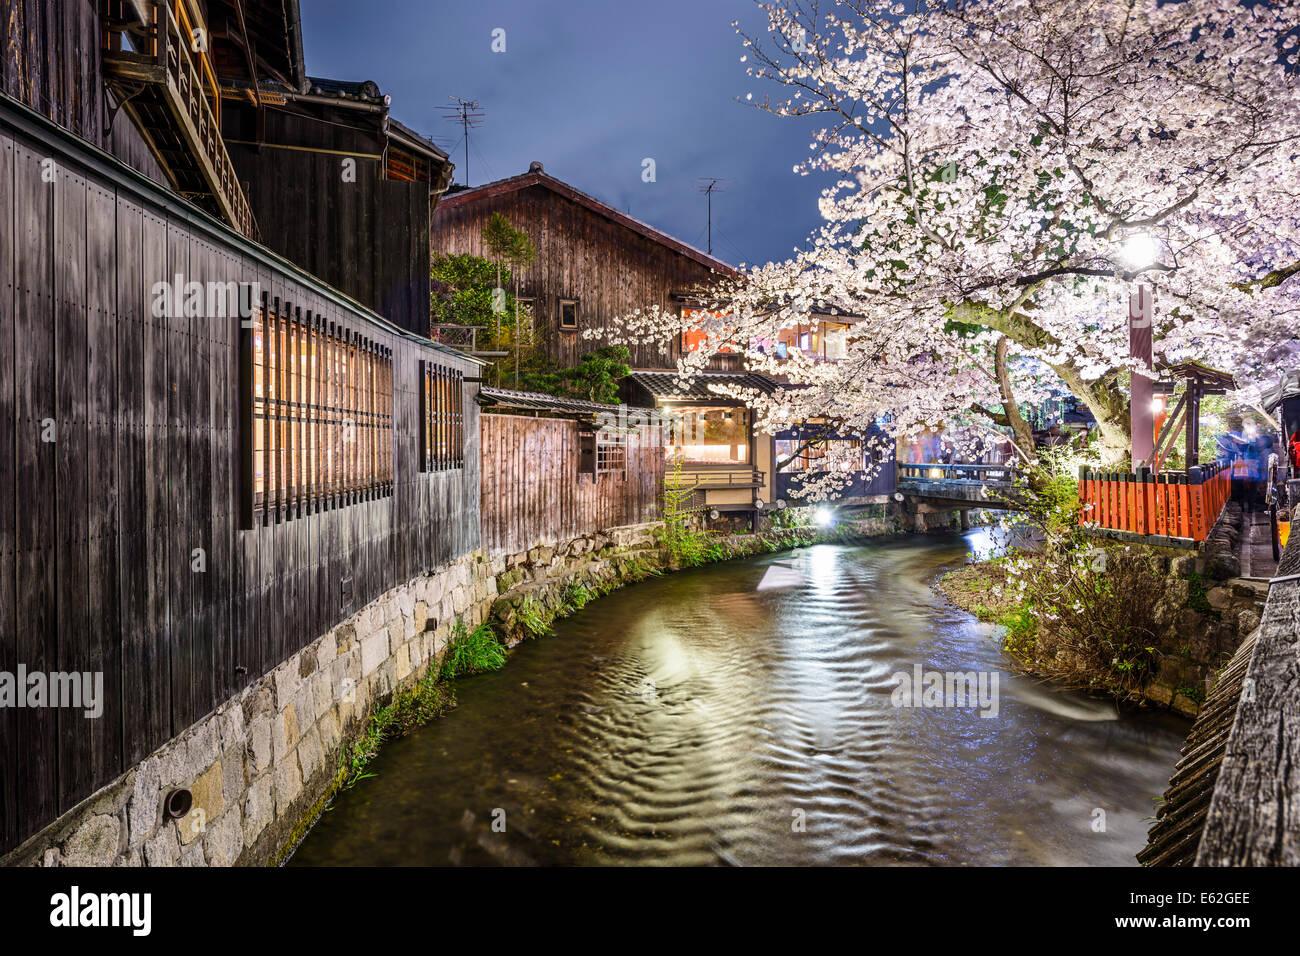 Kyoto, Japan at Shirakawa district in Gion. - Stock Image